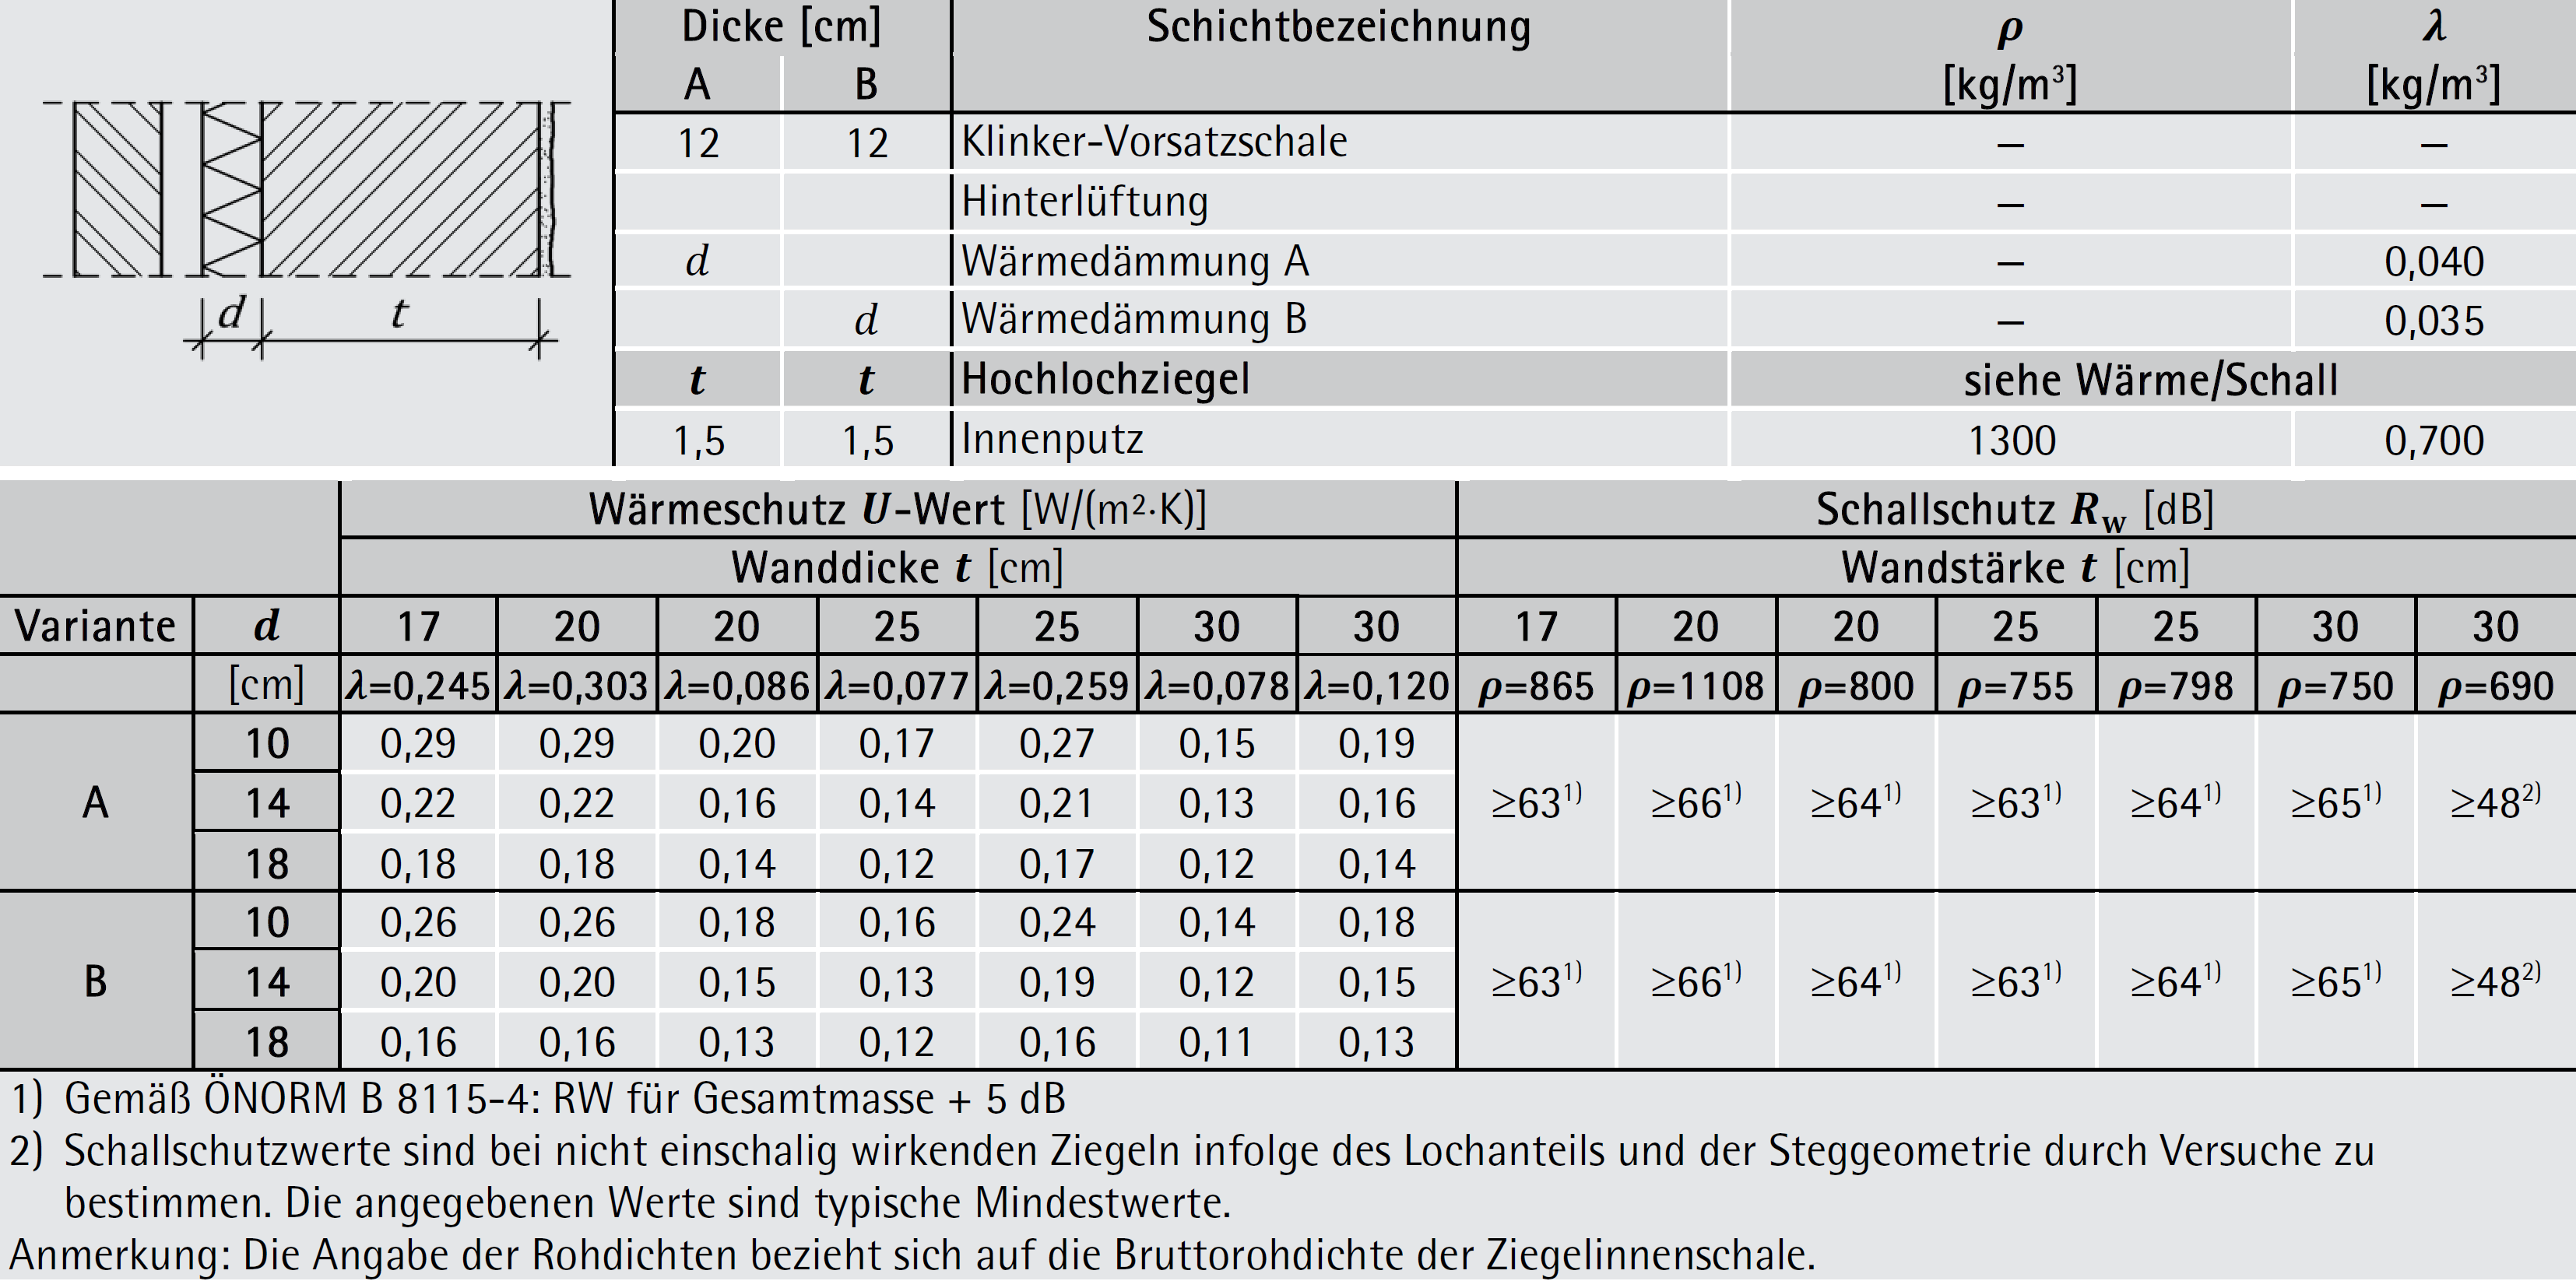 Tabelle 7-16: Aufbau, Wärme- und Schallschutz – zweischalige Außenwände mit Hinterlüftung